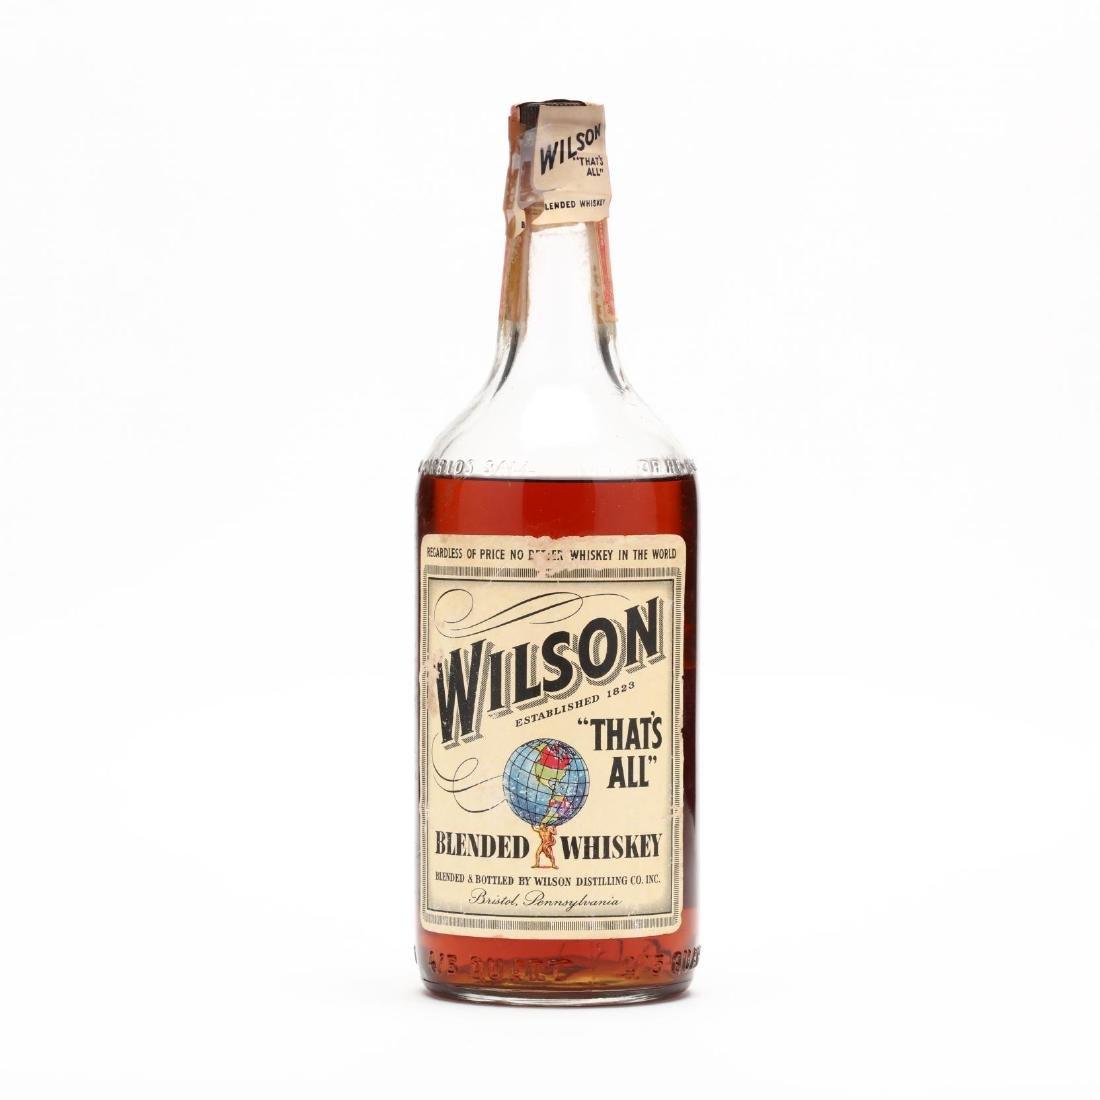 Wilson Blended Whiskey